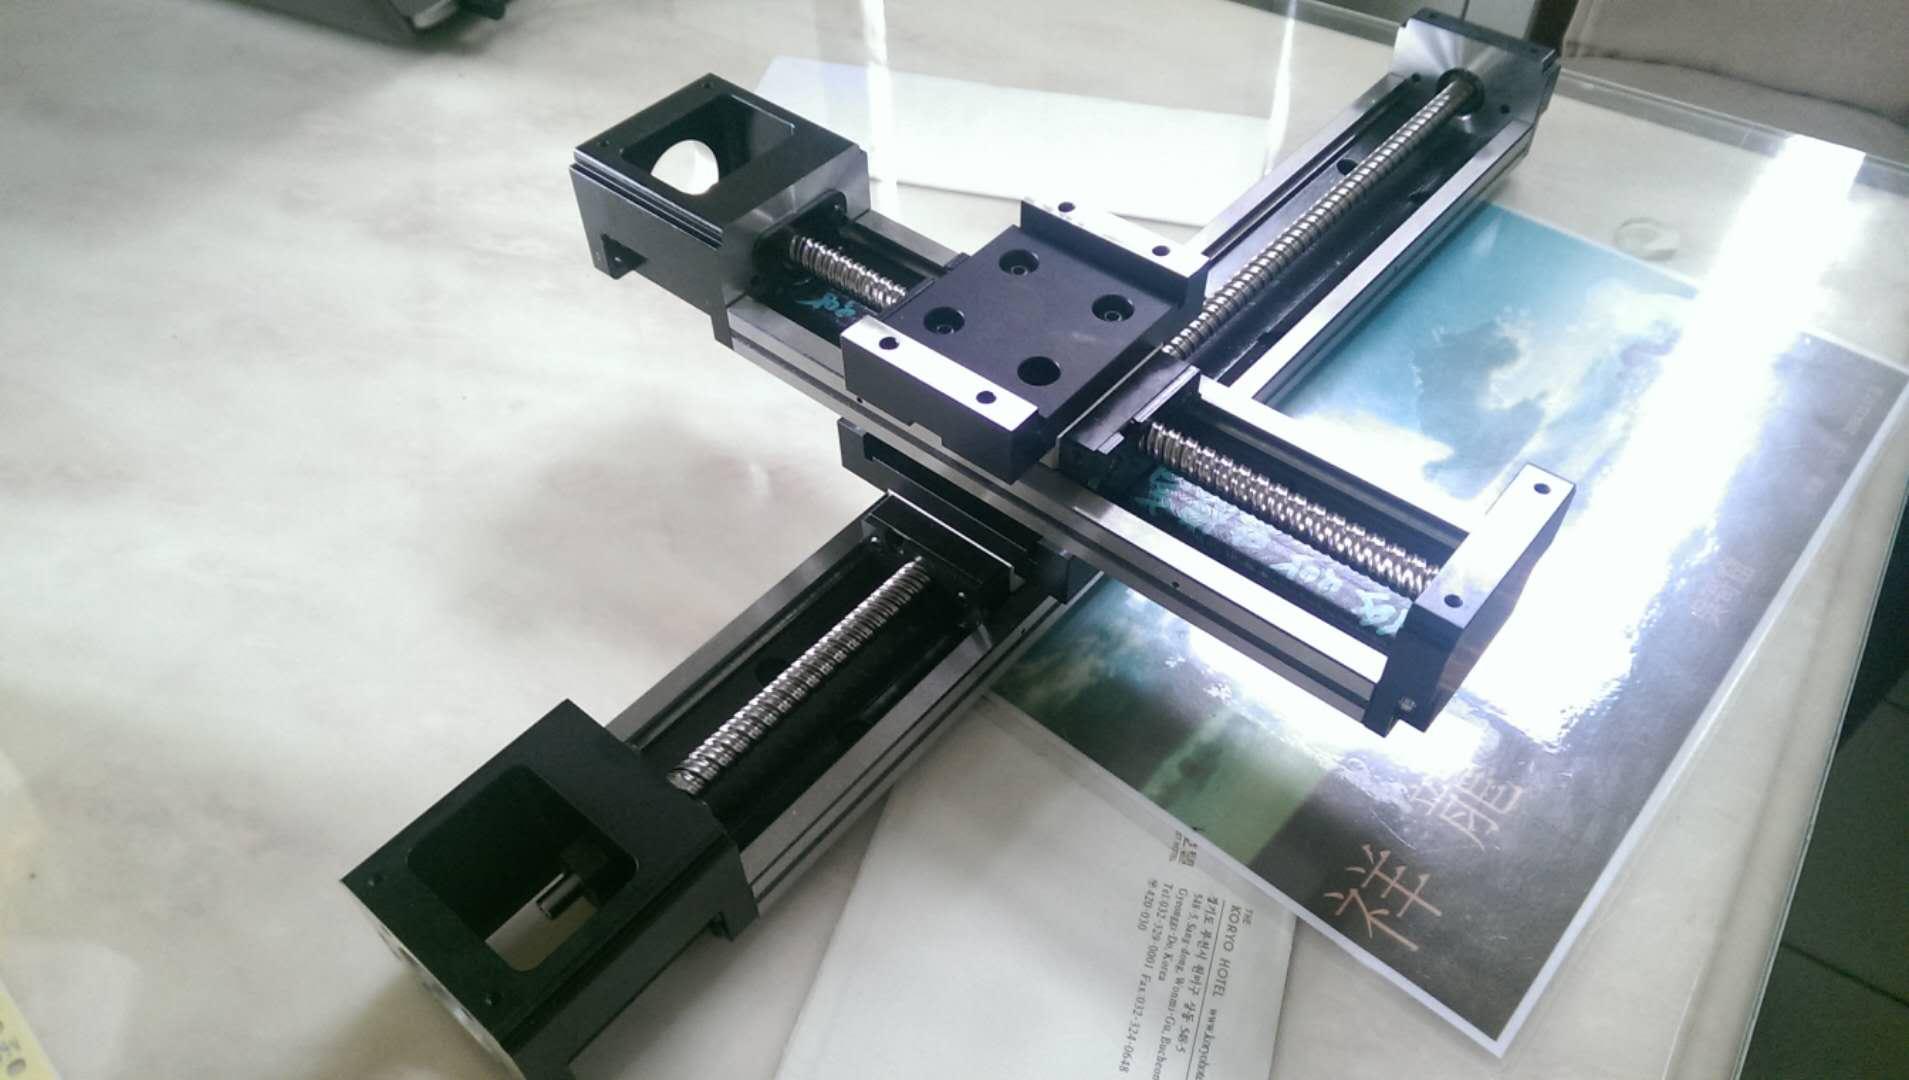 台灣準銀科技股份有限公司:線性機器人 單軸機械人 線性模组台州市黃巖野豹精密機械有限公司(技術進出口